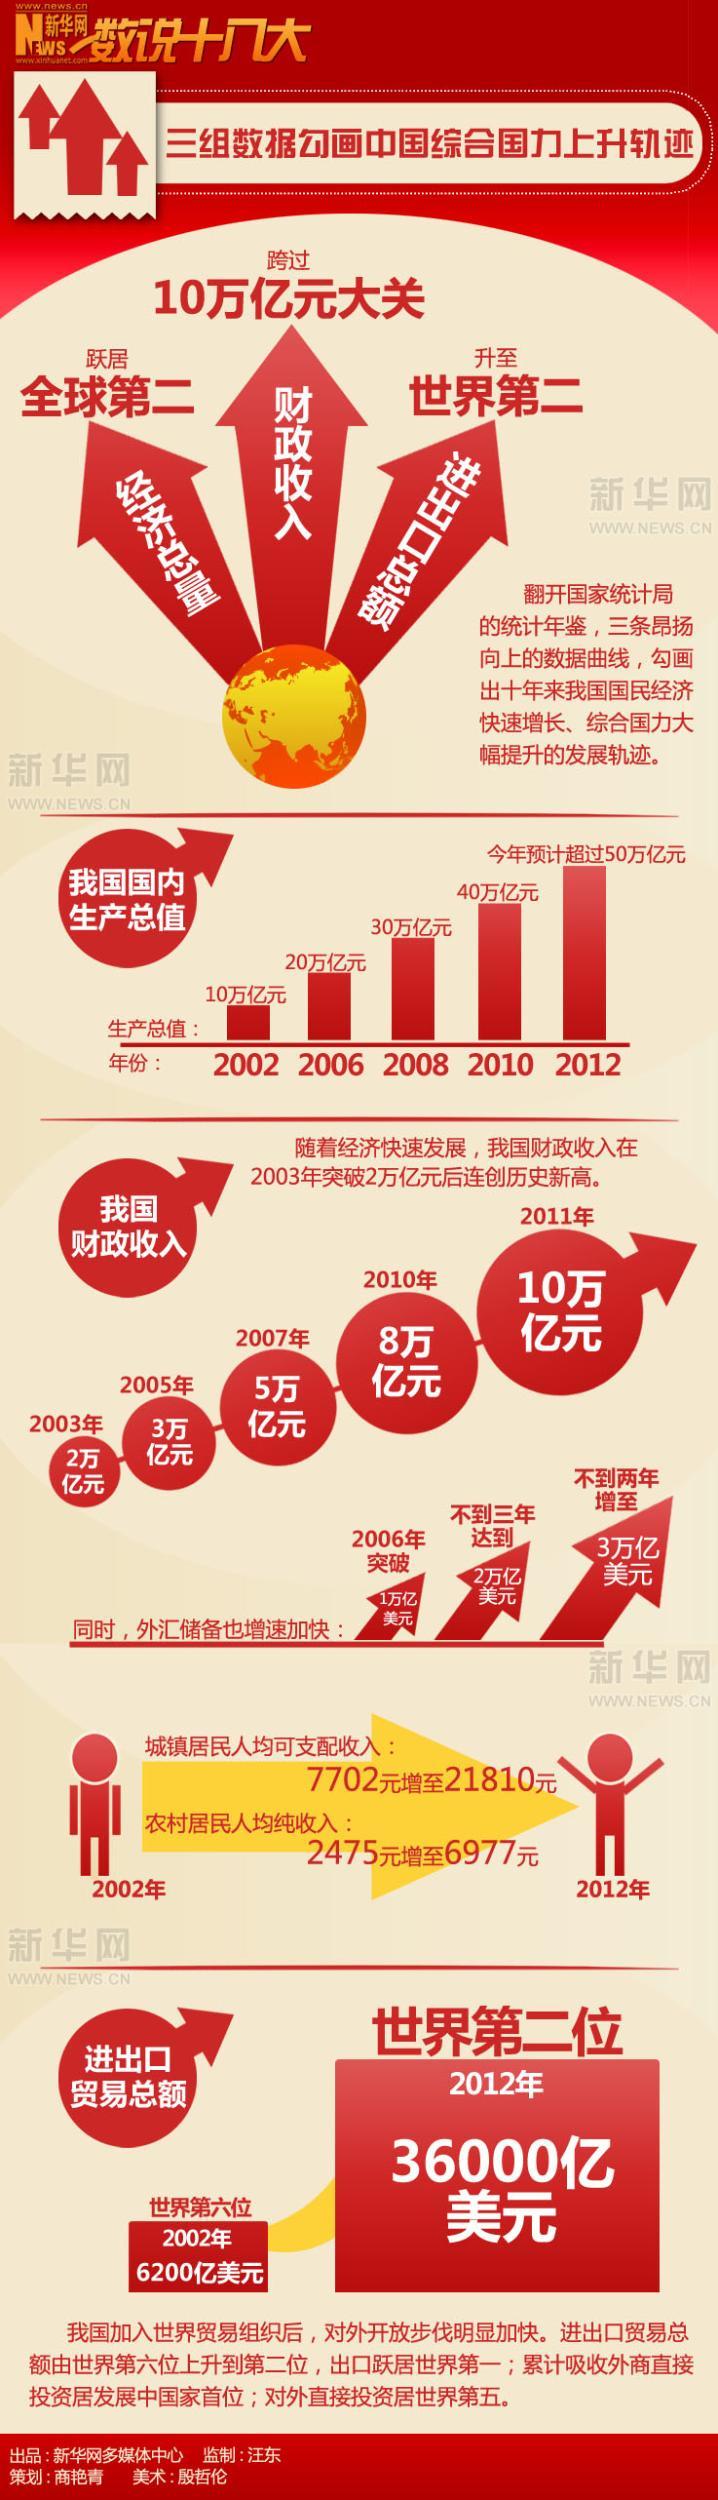 过去十年,是我国保持经济平稳较快增长的十年,经济总量从全球第六跃居第二。   初步测算,今年一季度我国国内生产总值超过10万亿元。而在十年前,全国一年的国内生产总值才刚刚达到10万亿元。十年来,国内生产总值连上几个大的标志性台阶:2006年超过20万亿元,2008年超过30万亿元,2010年超过40万亿元,今年预计超过50万亿元。   十年间,我国粮食生产连续八年实现增收,工业化进程快速推进,第三产业占国内生产总值比重不断增加。   过去十年,是我国财力显著增强的十年,人民生活明显改善。   随着经